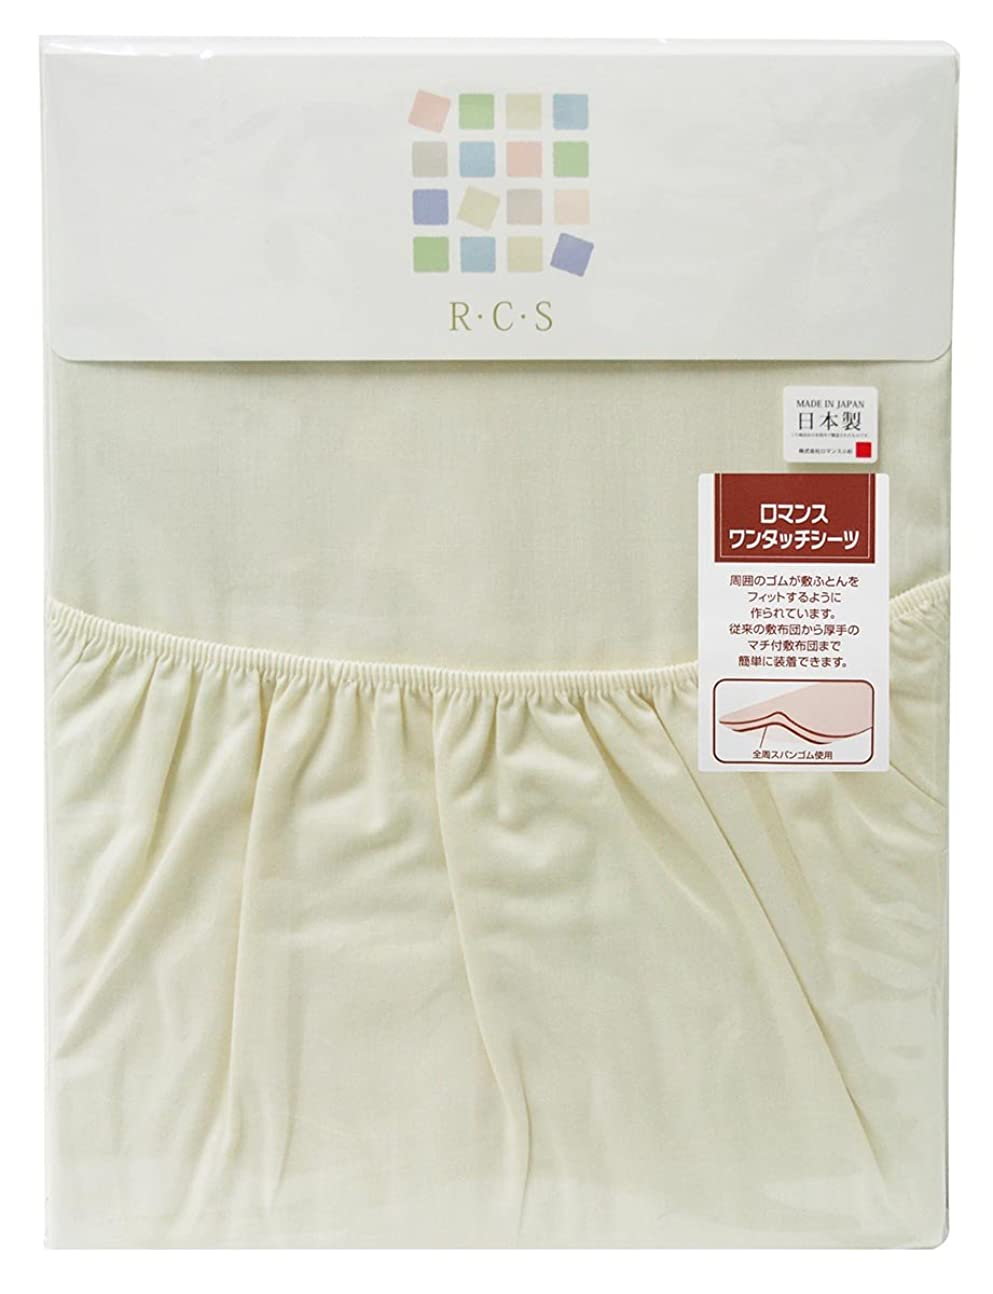 【ロマンス小杉】 R?C?S [セルピー] 日本製 ワンタッチシーツ シングルロング(105×215×18cm) ナチュラル 1-5343-8162-7000